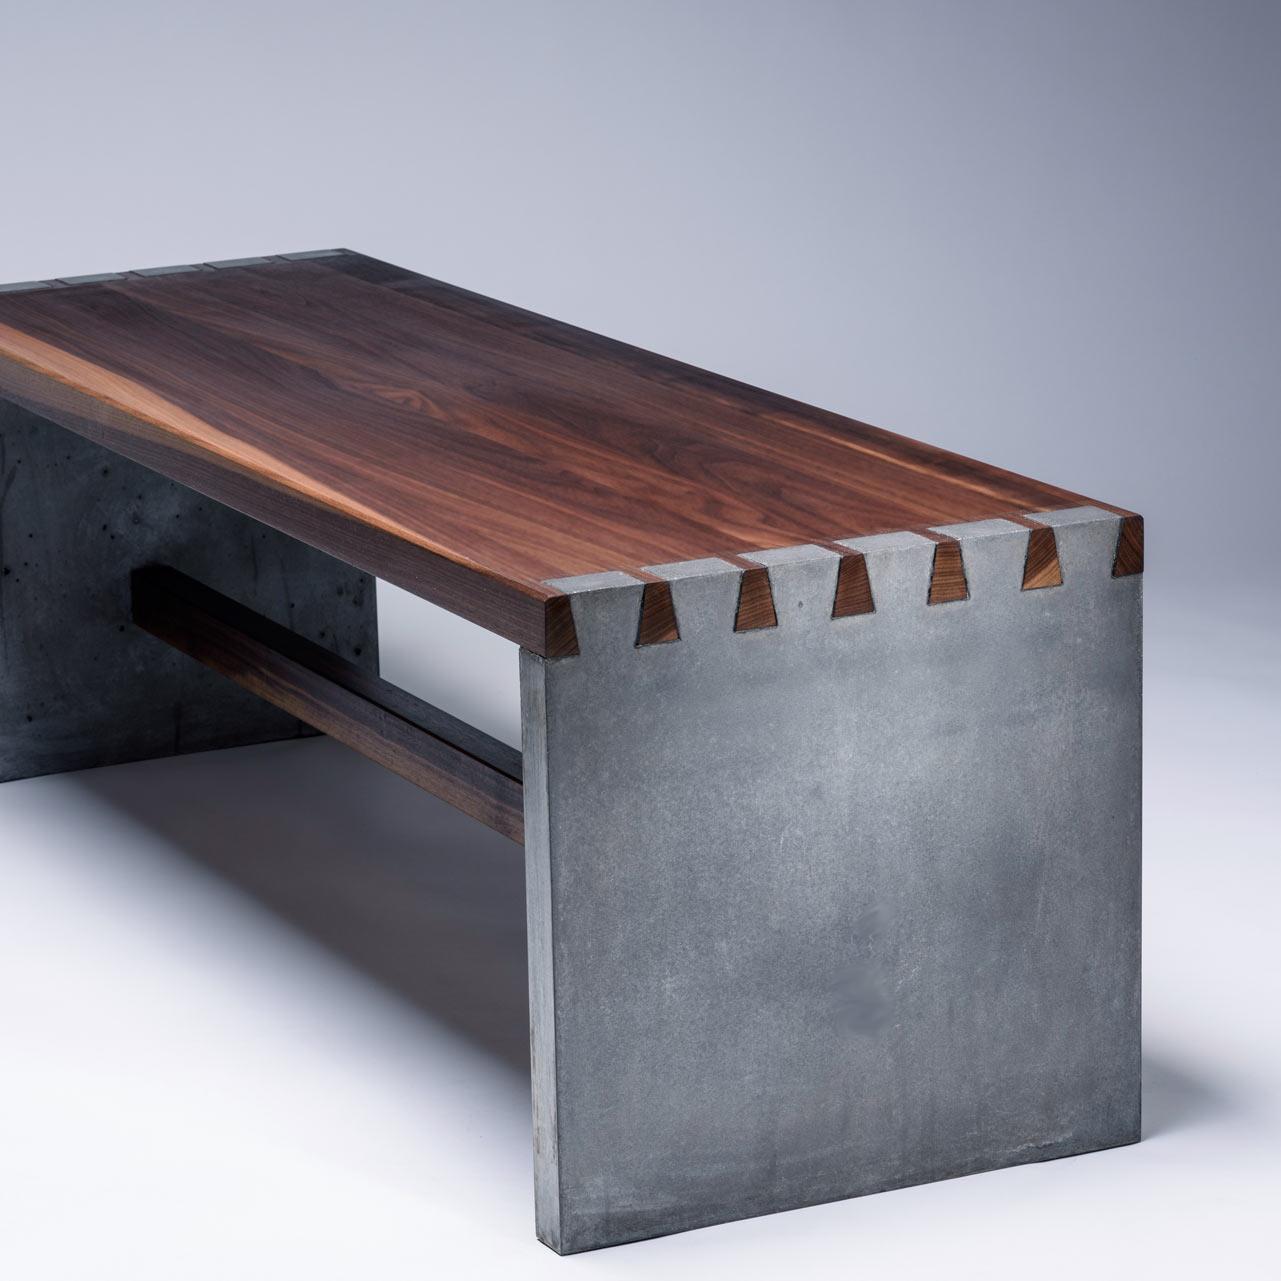 Massivholz Sitzbank mit Betonseitenteilen. Verbindung aus Schwalbenschwanz-Zinken. Kontrast Holz und Beton.